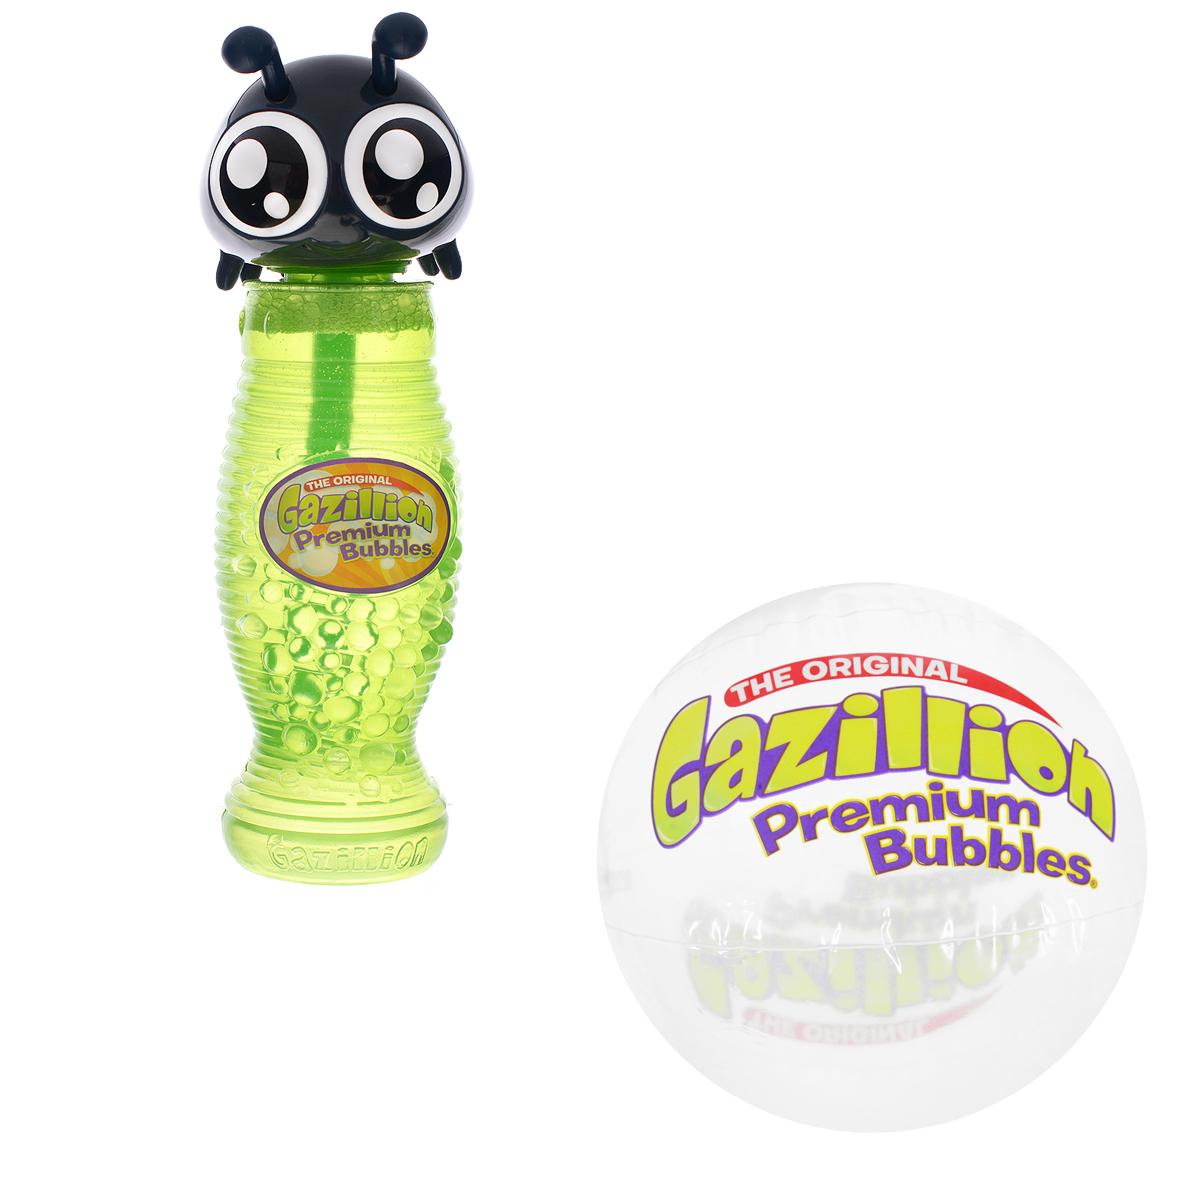 Мыльные пузыри Gazillion Bubbles Божья коровка, 300 мл36341_бож.коровкаВсе дети обожают пускать мыльные пузыри! С мыльными пузырями Gazillion Bubbles это будет вдвойне интереснее! Ваш ребенок сможет надуть великолепные пузыри разных размеров, которые будут переливаться всеми цветами радуги и парить в воздухе, радуя его. Во флаконе есть палочка-насадка для выдувания бесчисленного количества пузырьков и оригинальная крышечка в виде божьей коровки.